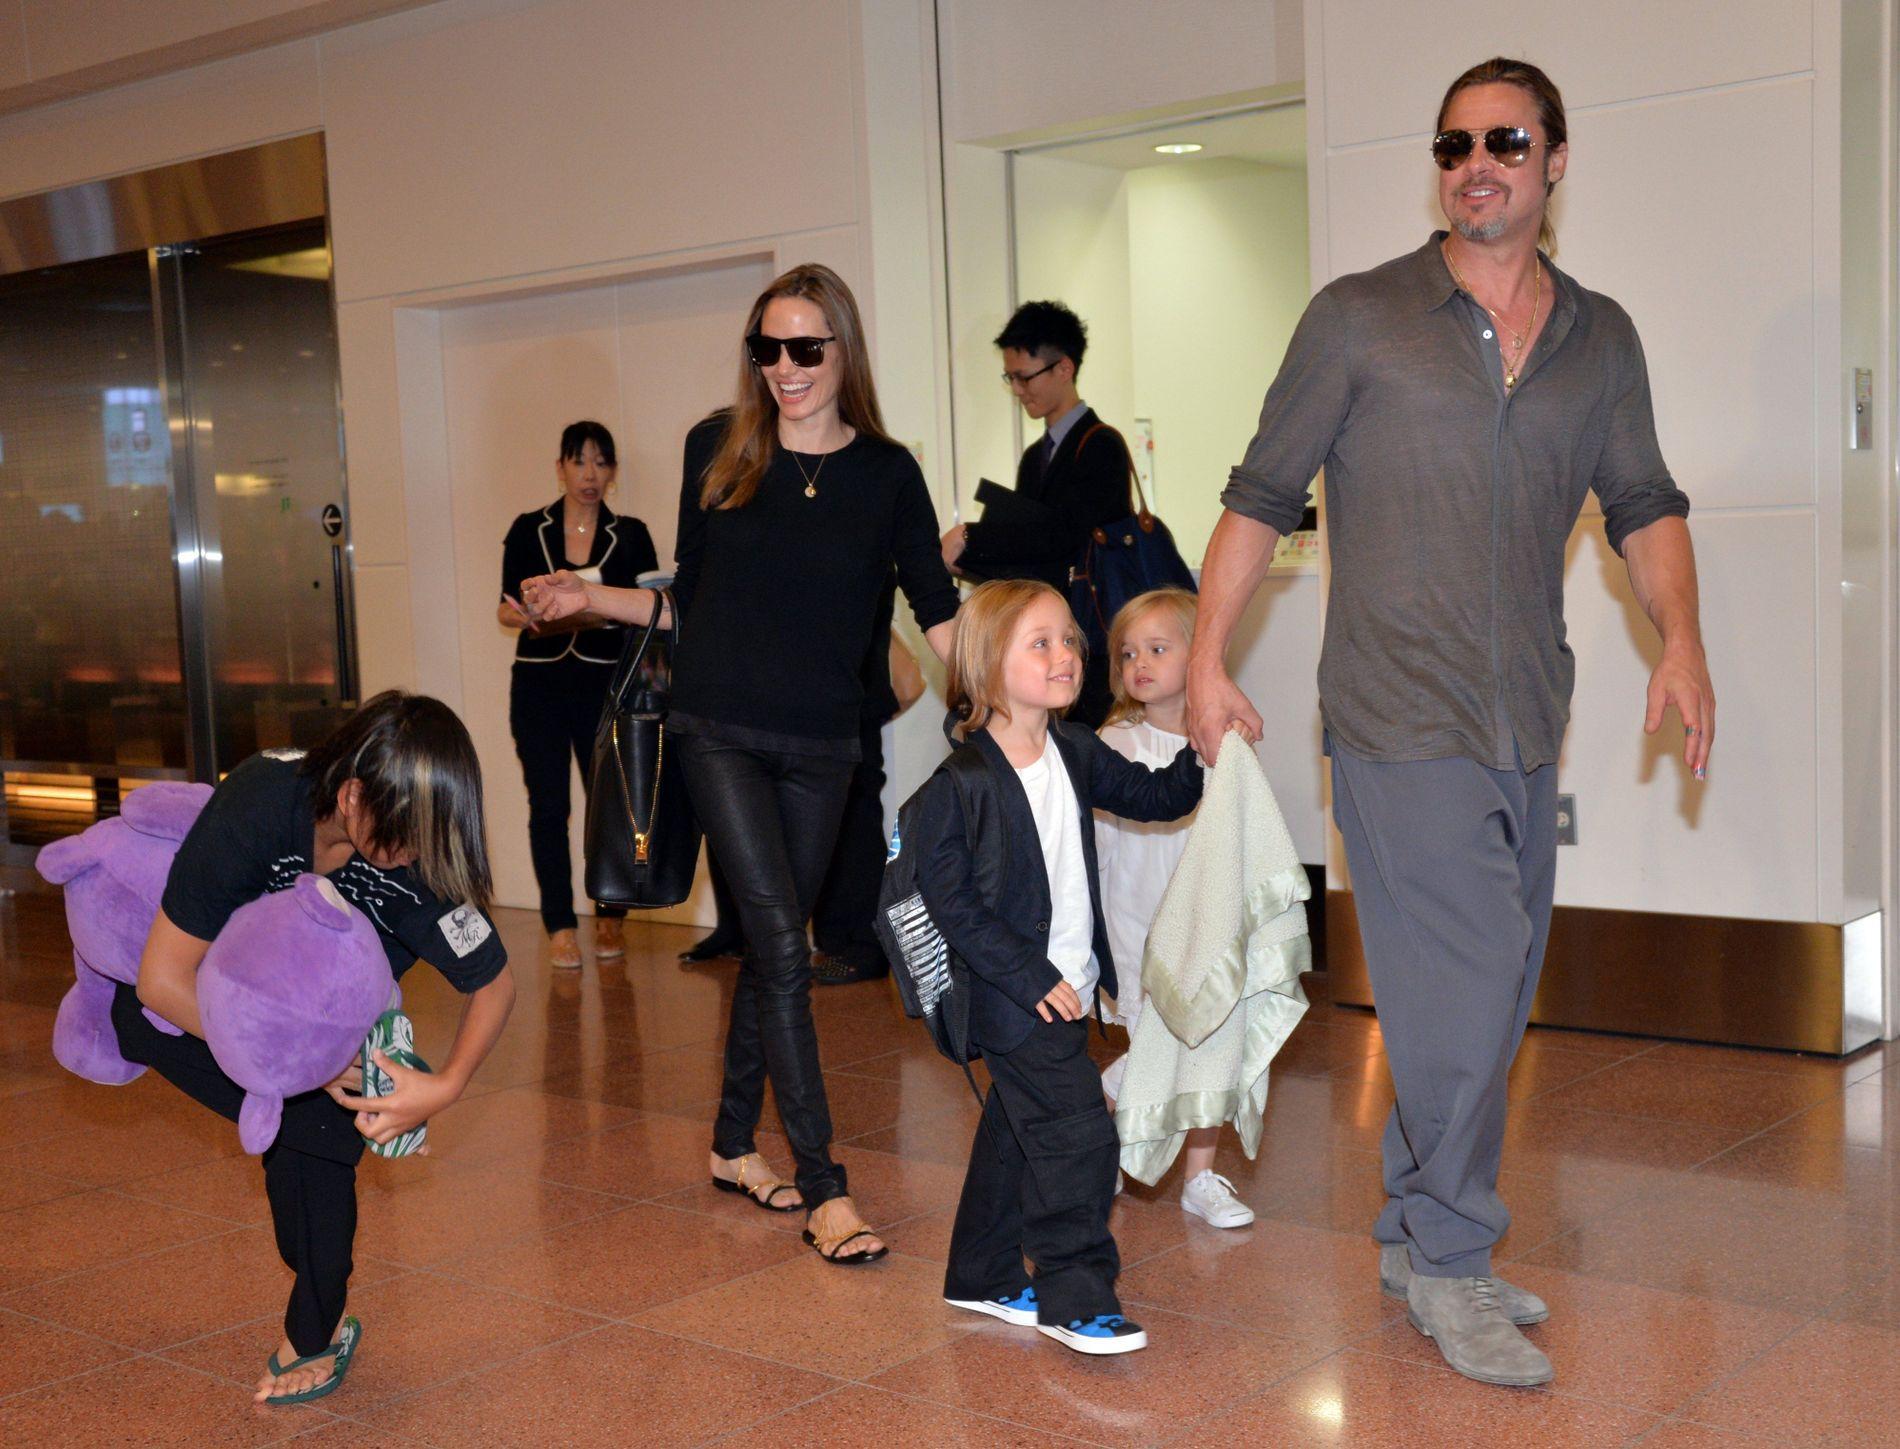 GLADE DAGER: Angelina Jolie og Brad Pitt med tre av barna i Japan i 2013, før de to skilte lag.